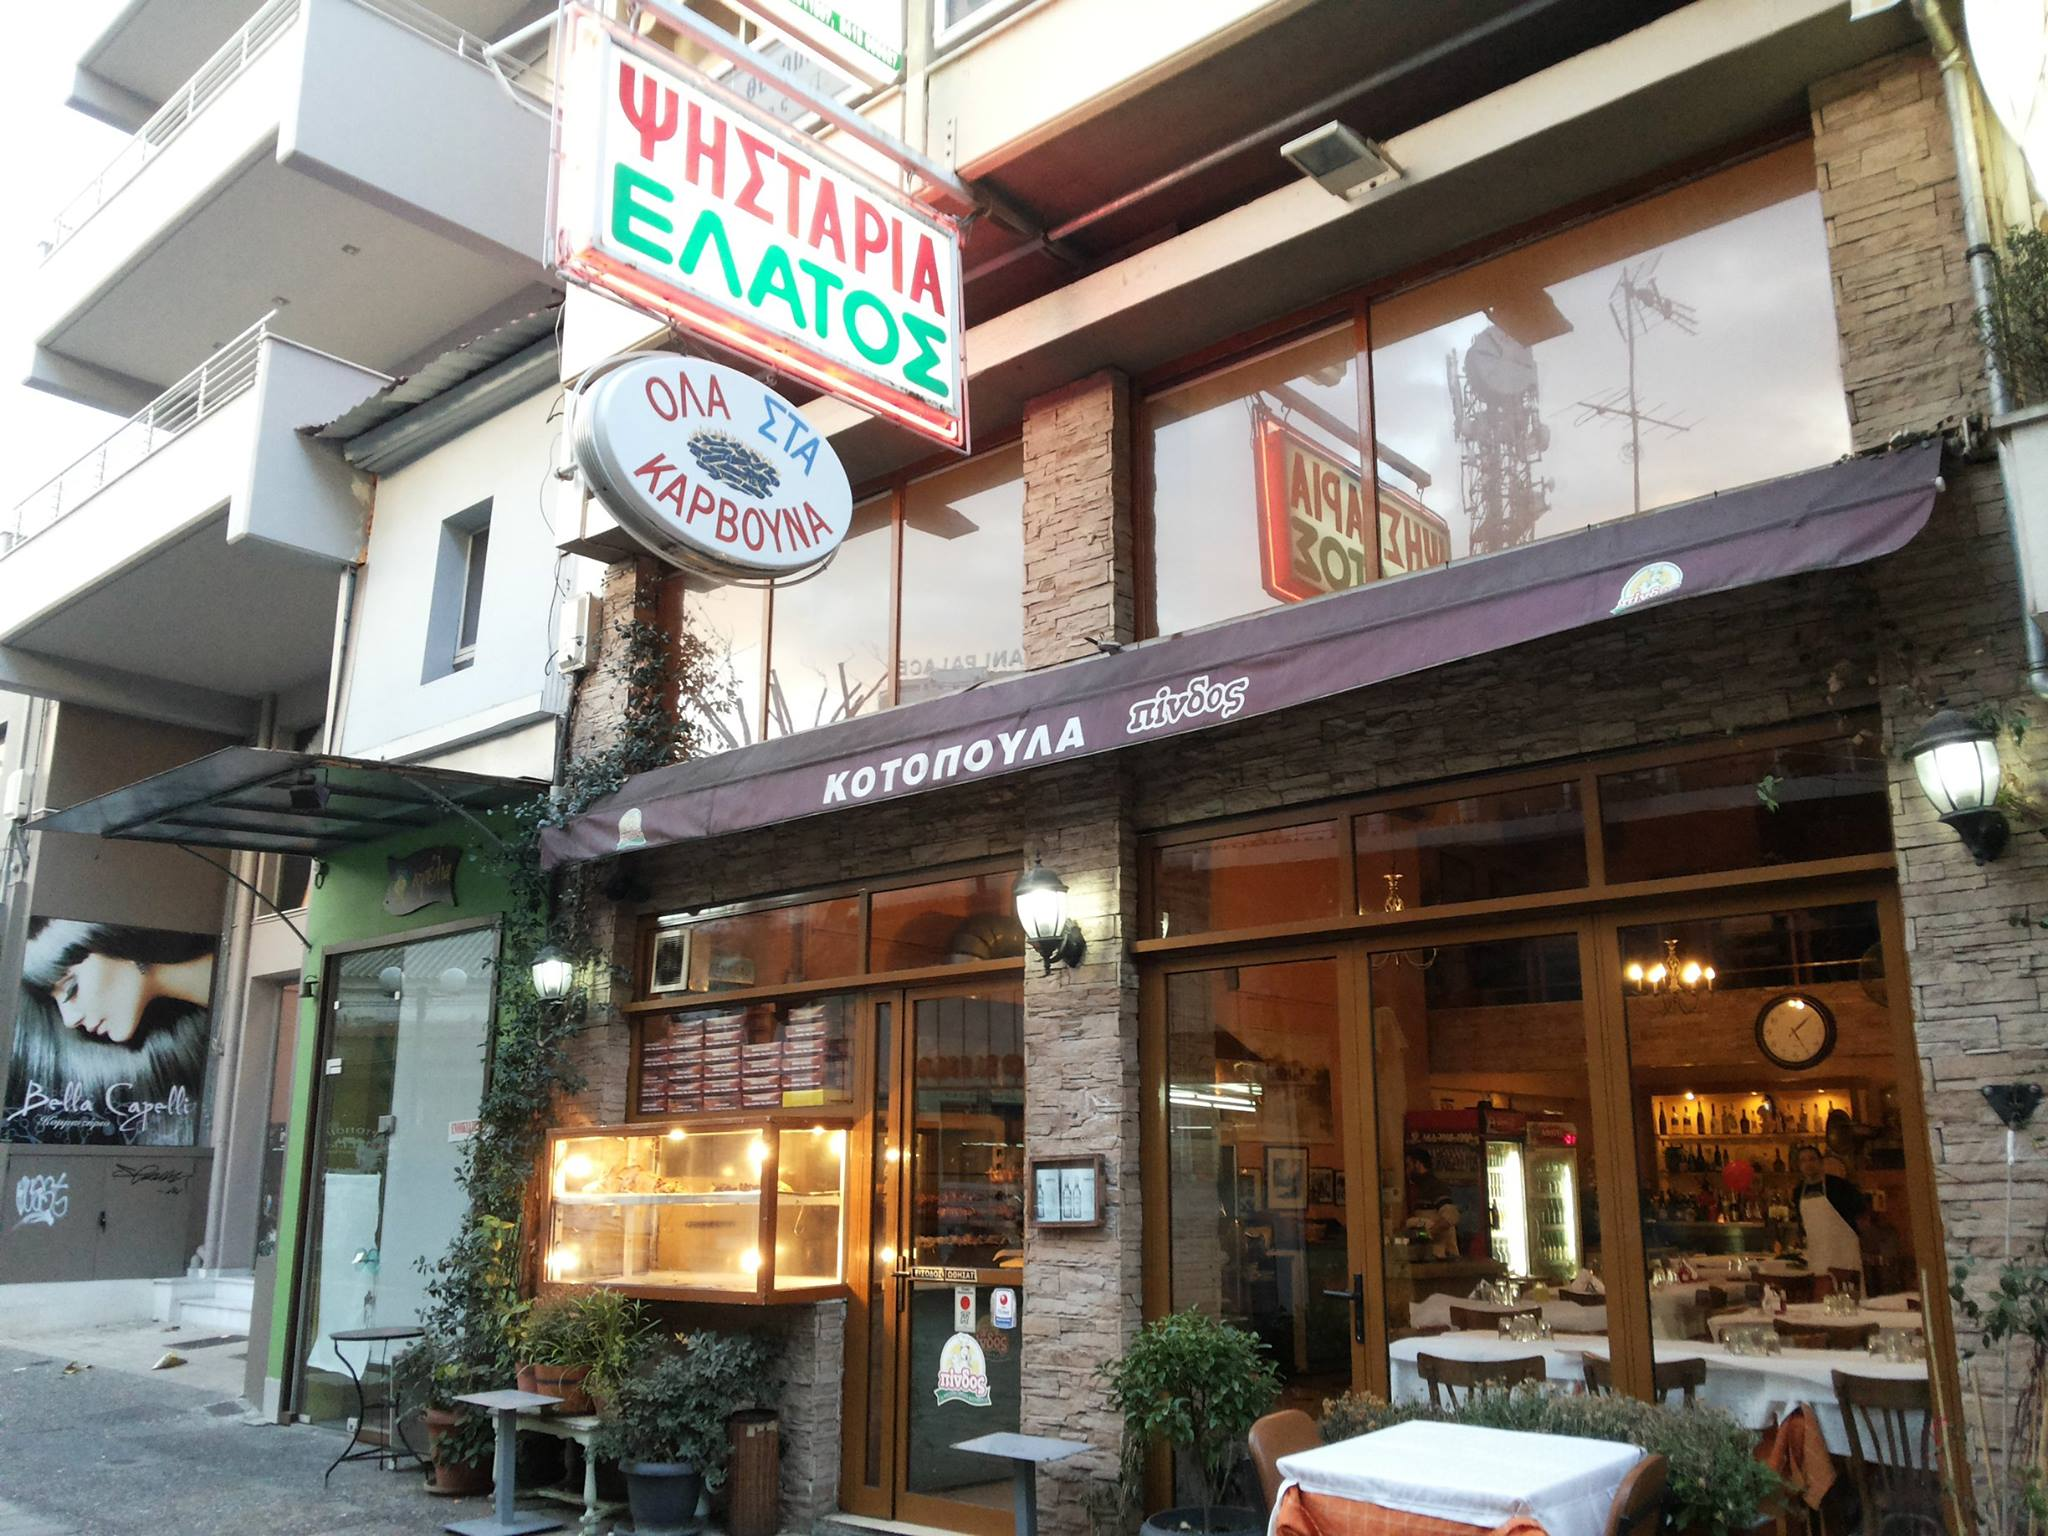 elatos2 - Φοιτητής στη Λάρισα; | Οι καλύτερες προτάσεις για μαγειρευτό φαγητό!